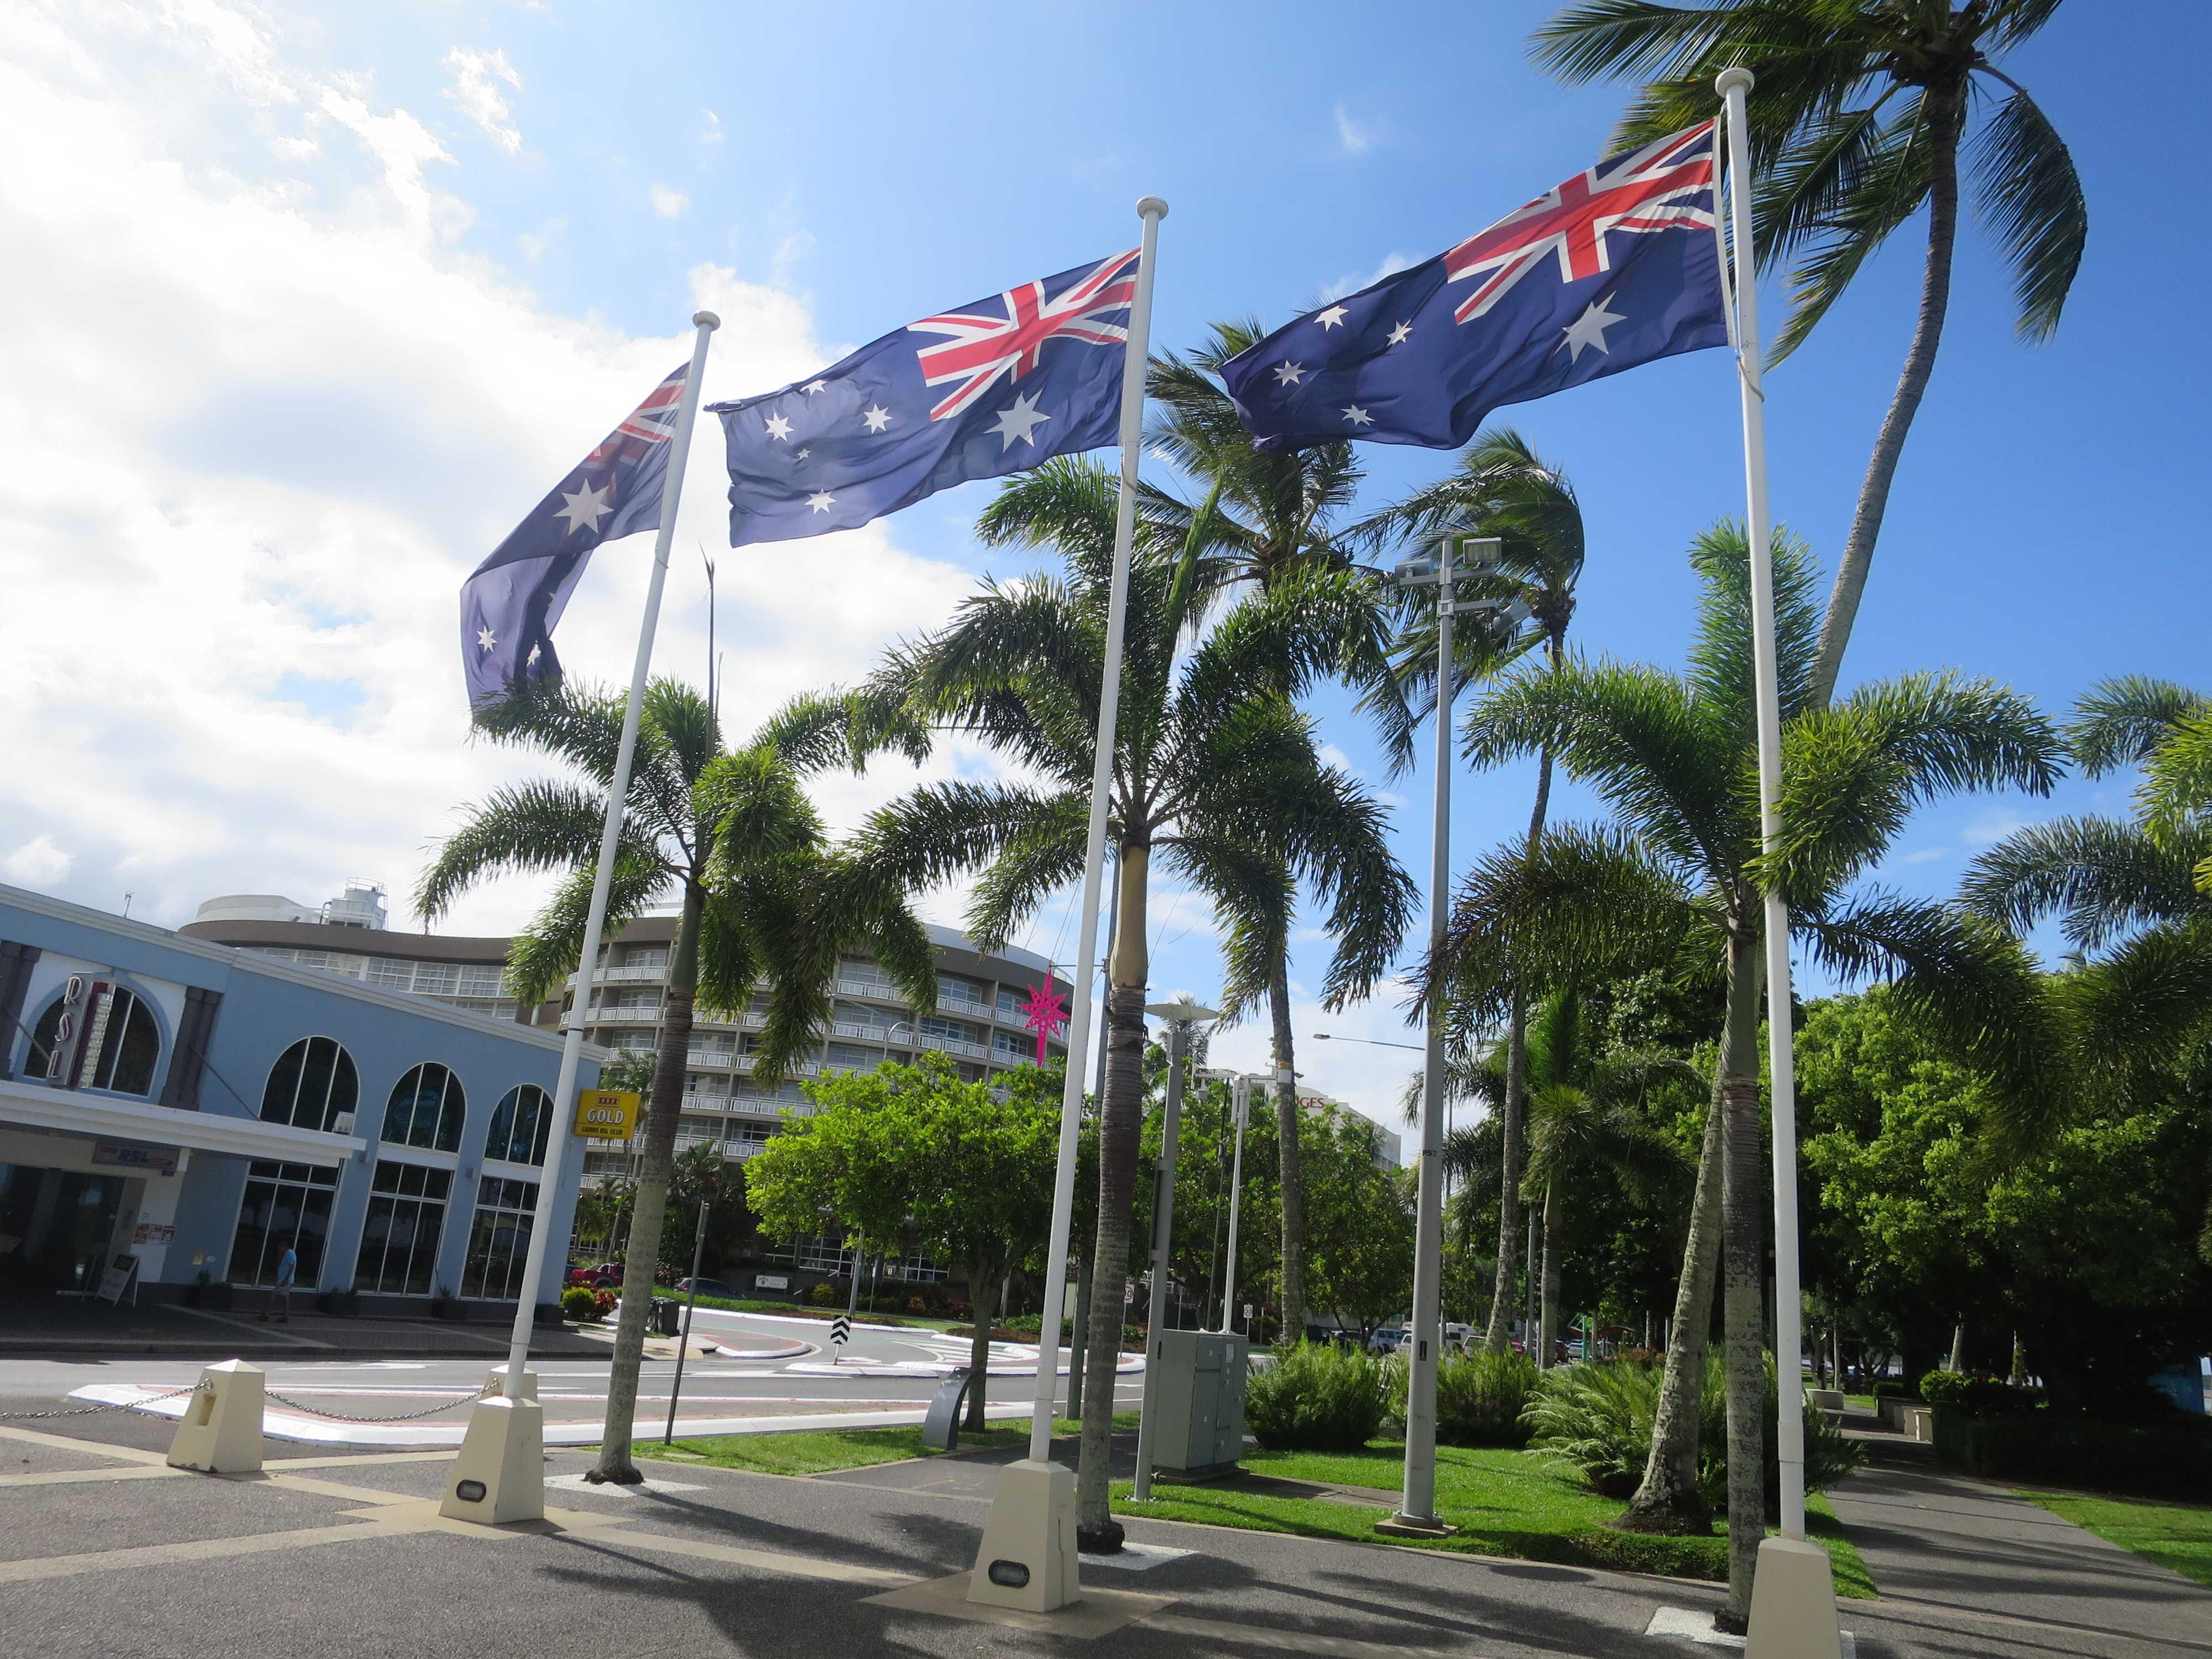 ケアンズの海岸ではためくオーストラリア国旗